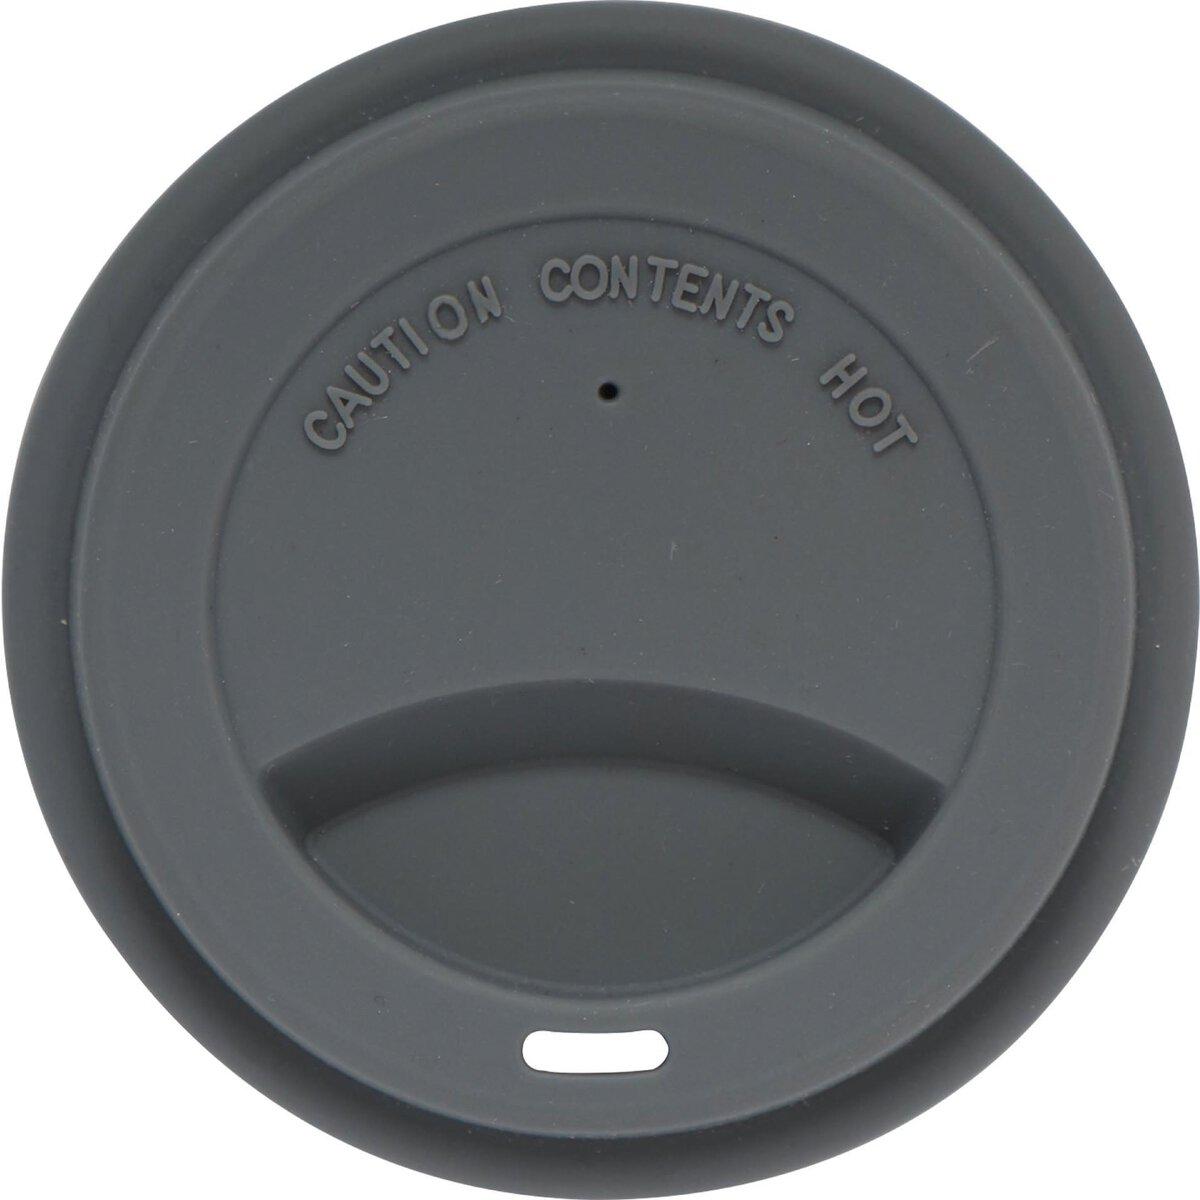 Silikondeckel für Coffee to Go Becher grau, zu 0,3 L (2)